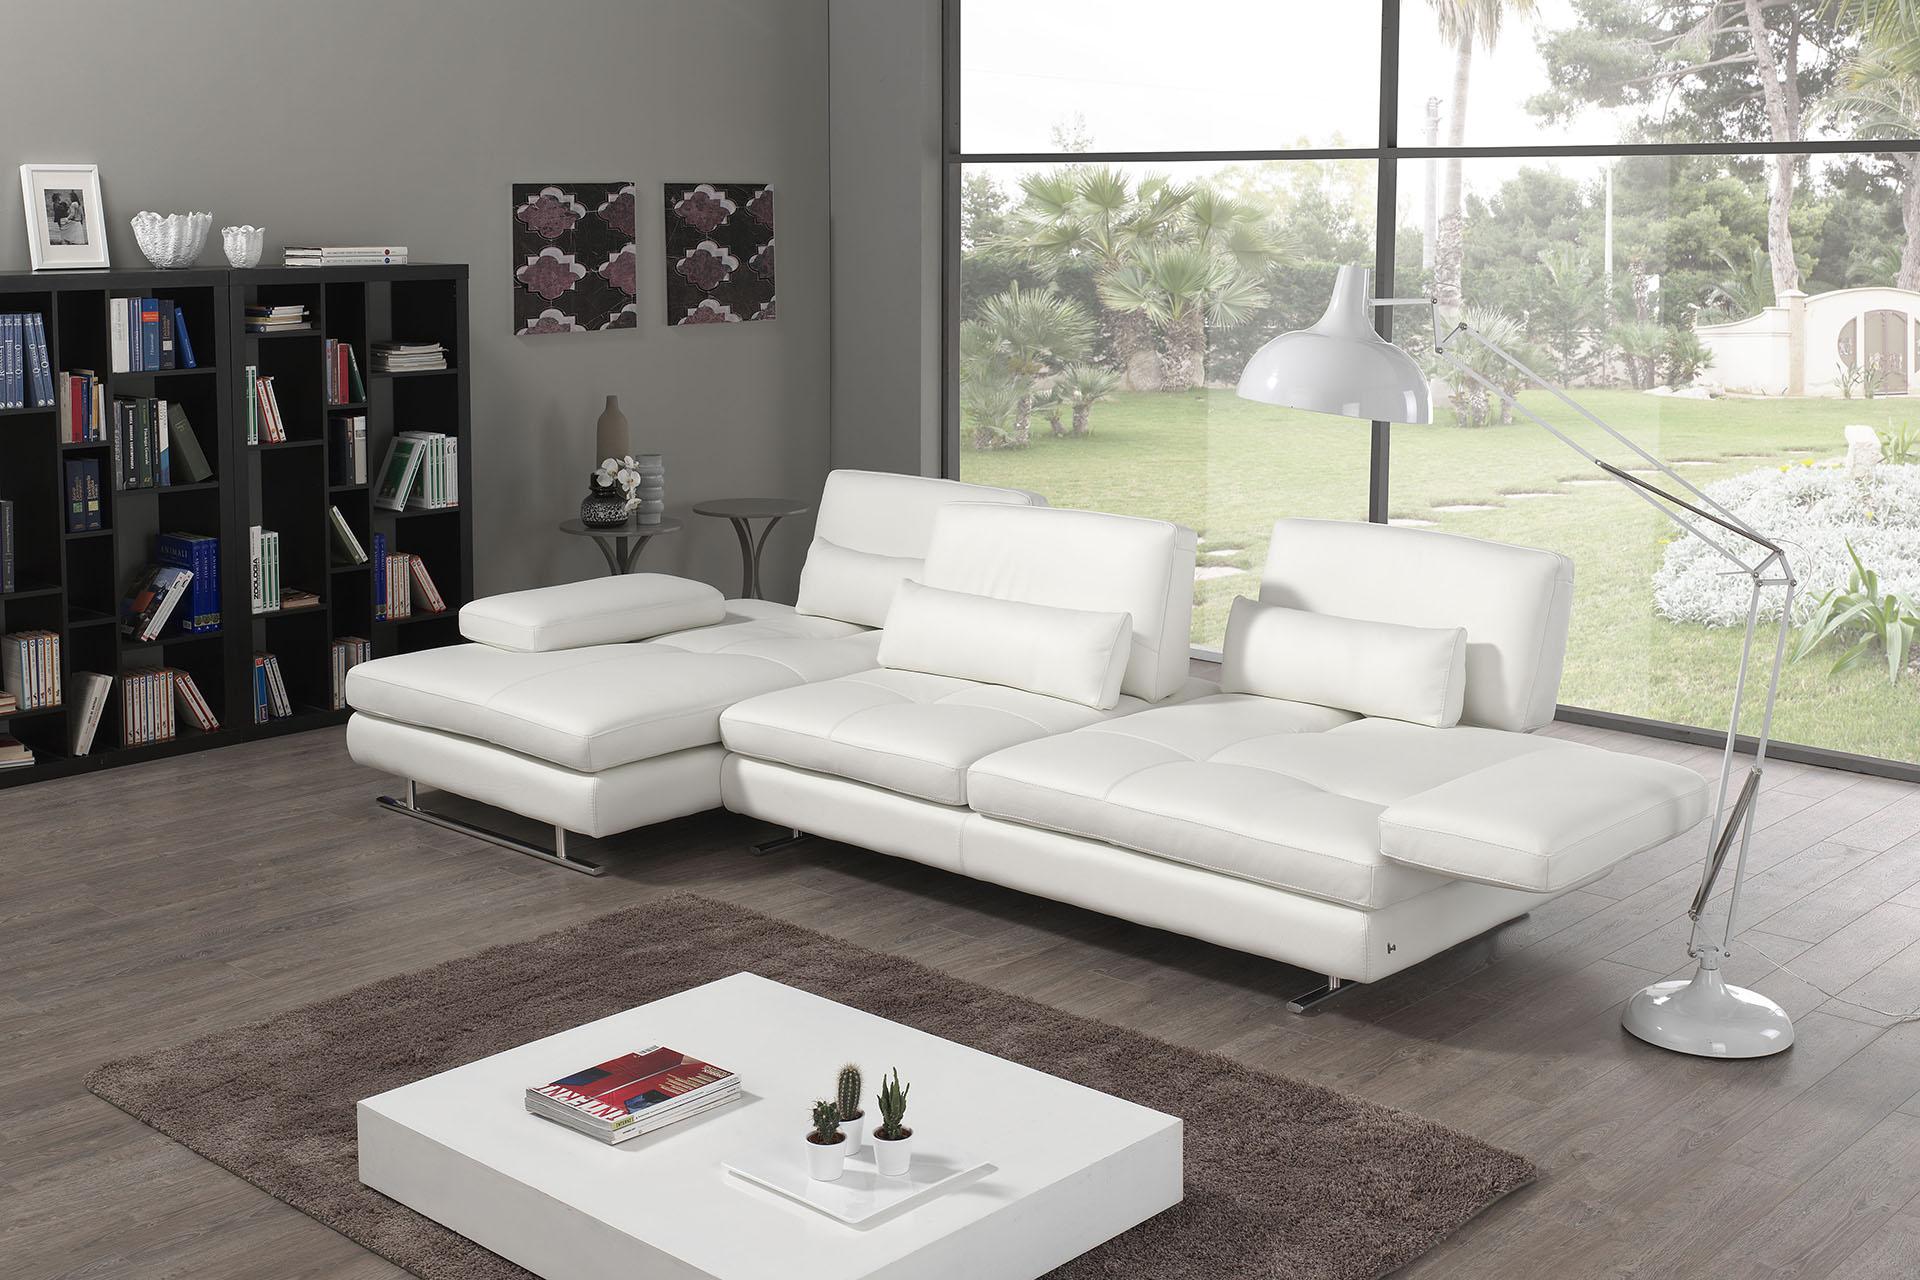 Albano mobili divani albano mobili for Arredamento benevento